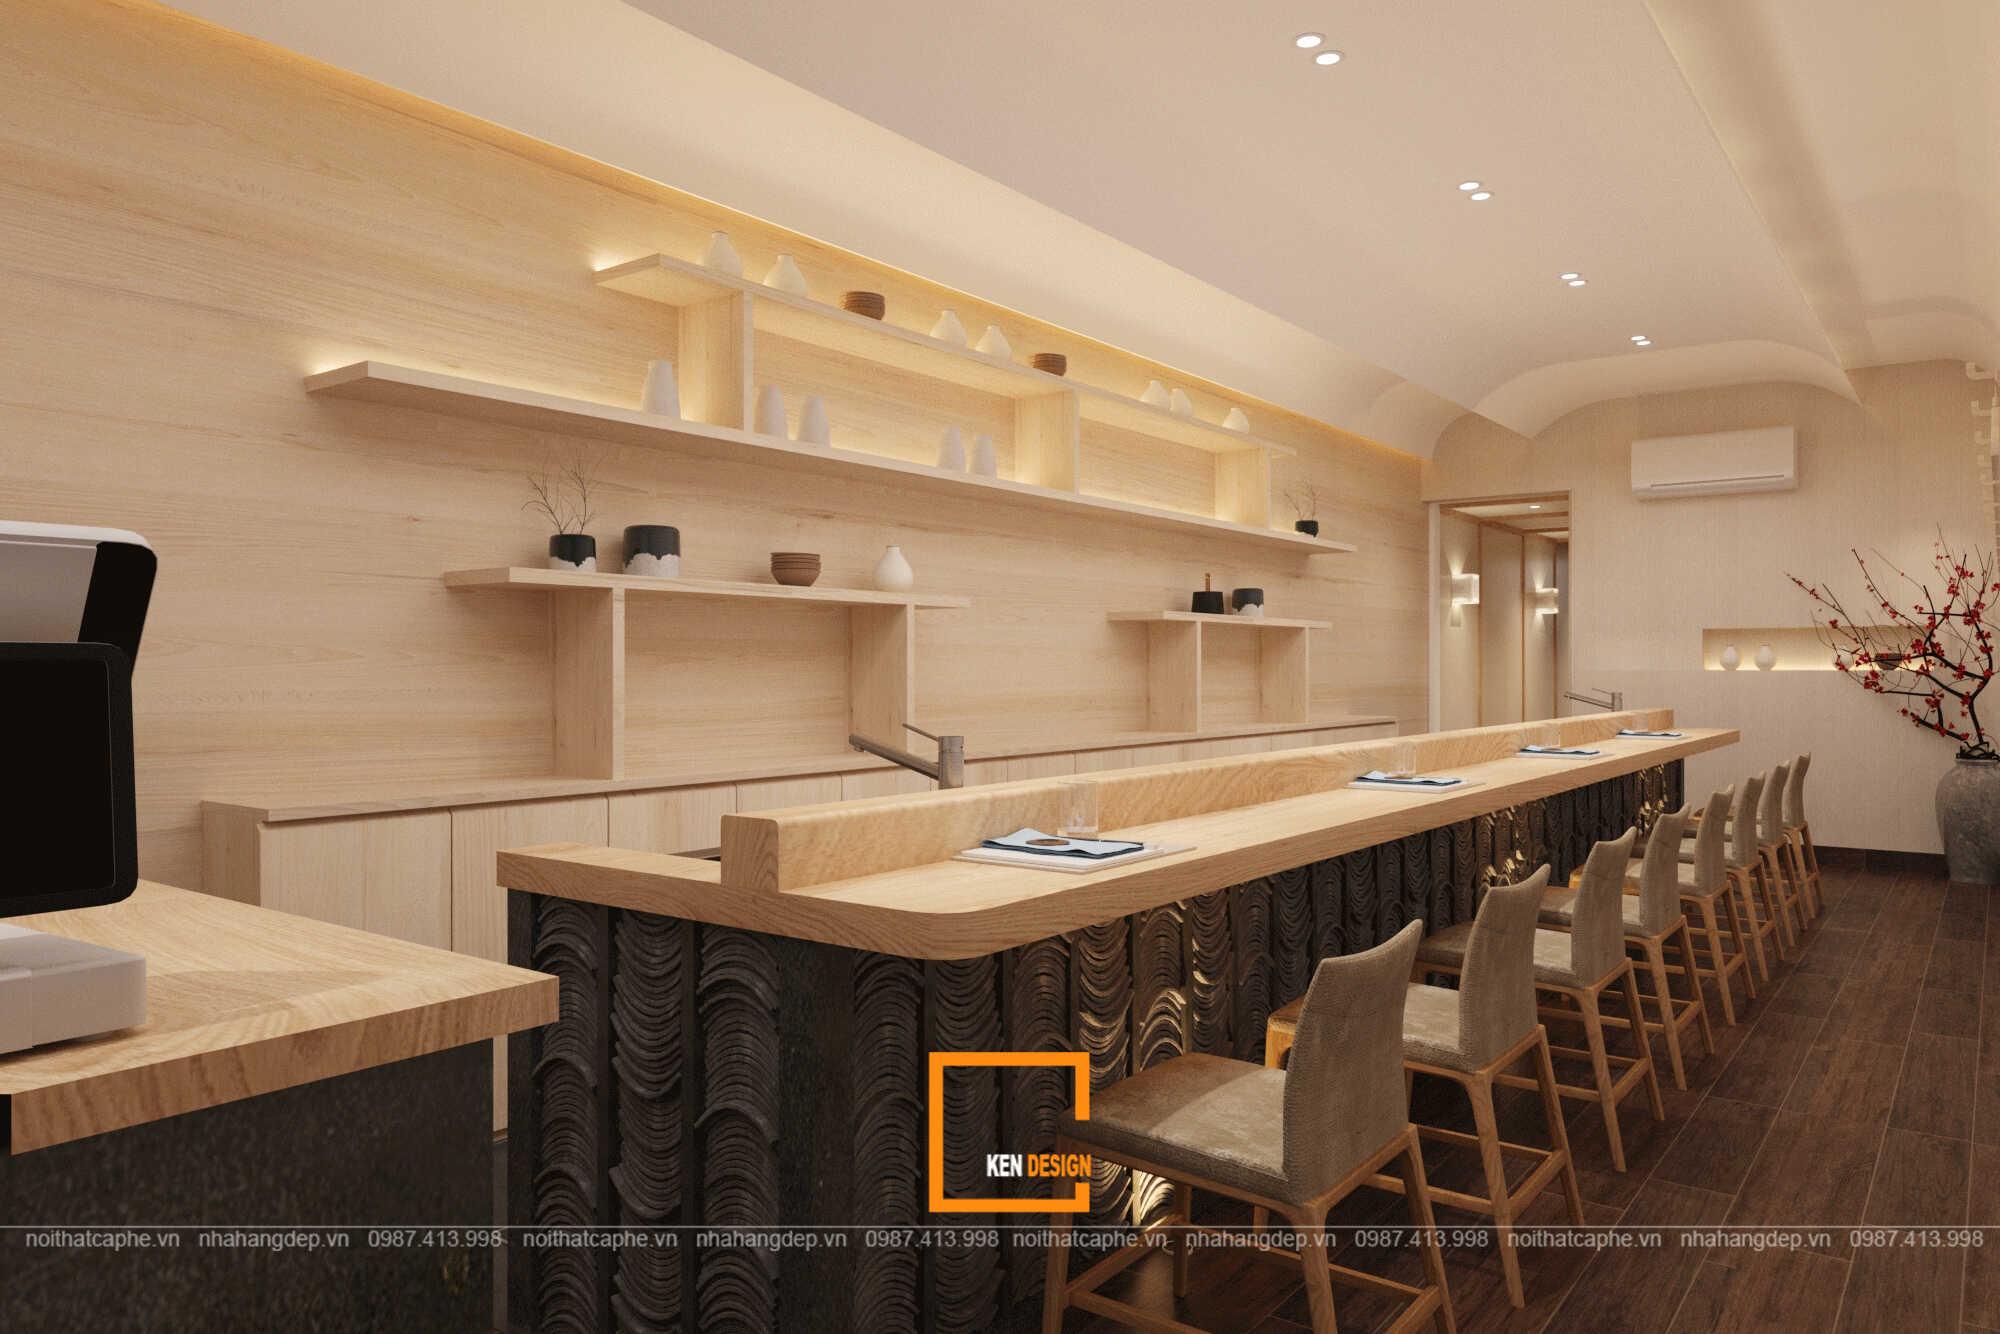 Thiết kế nhà hàng sushi IKEDA - không gian Nhật Bản hoàn hảo giữa lòng Hà Nội